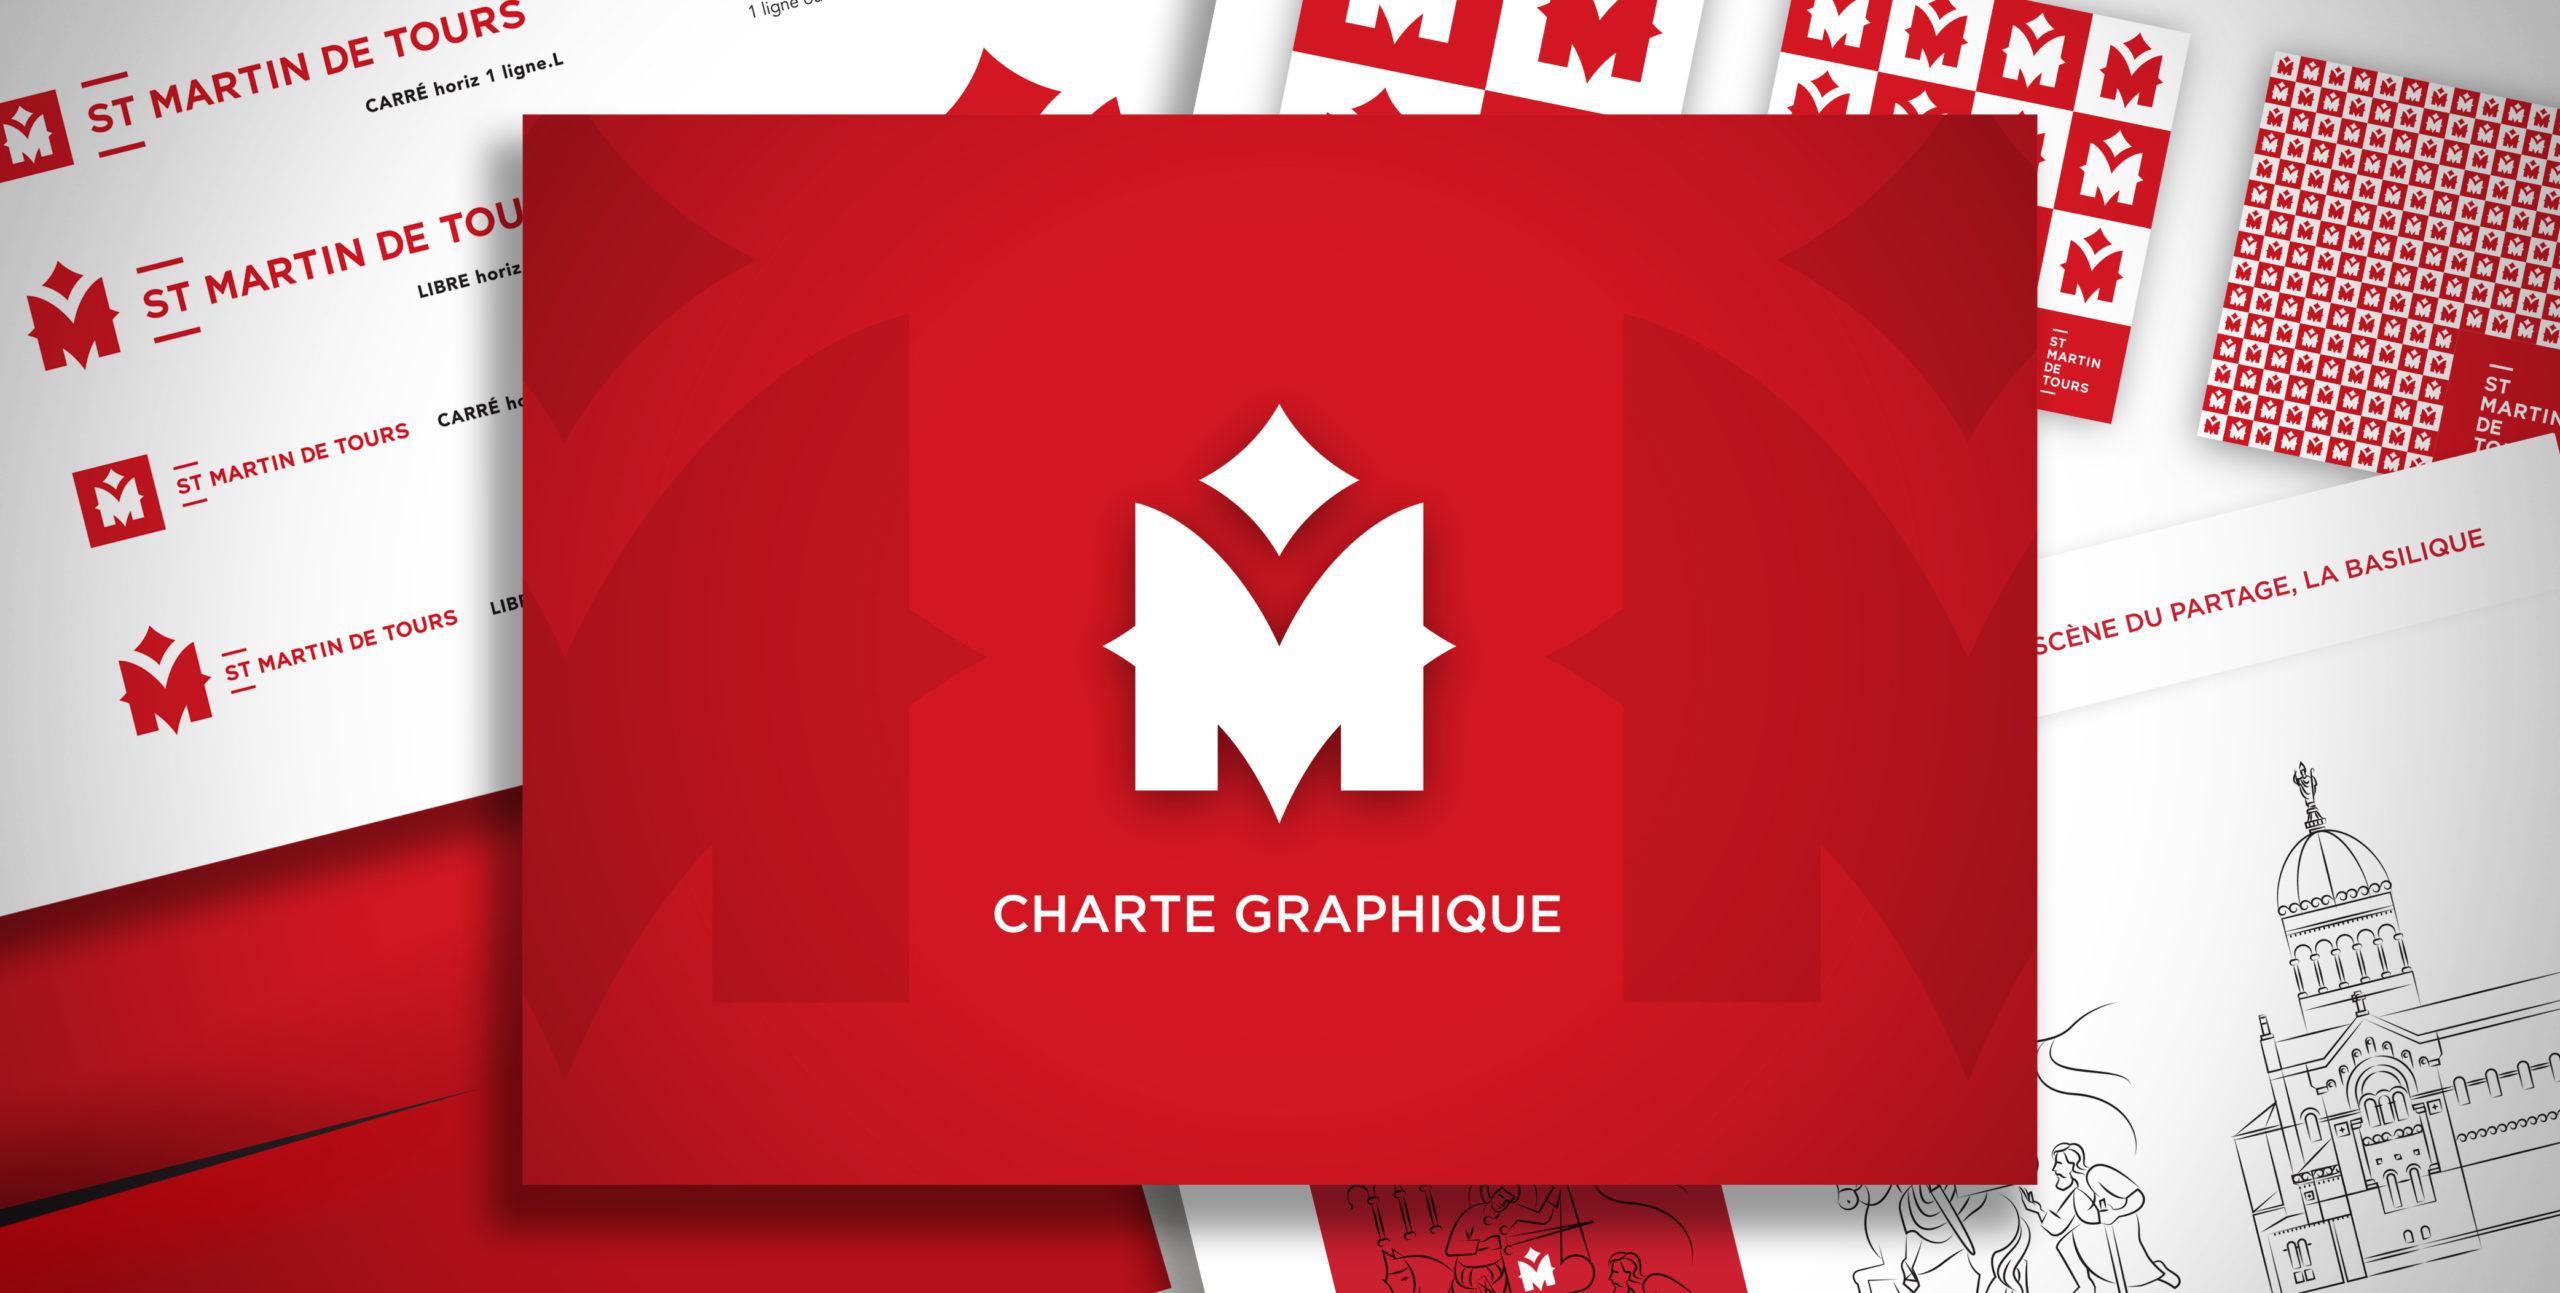 Charte Graphique St Martin de Tours